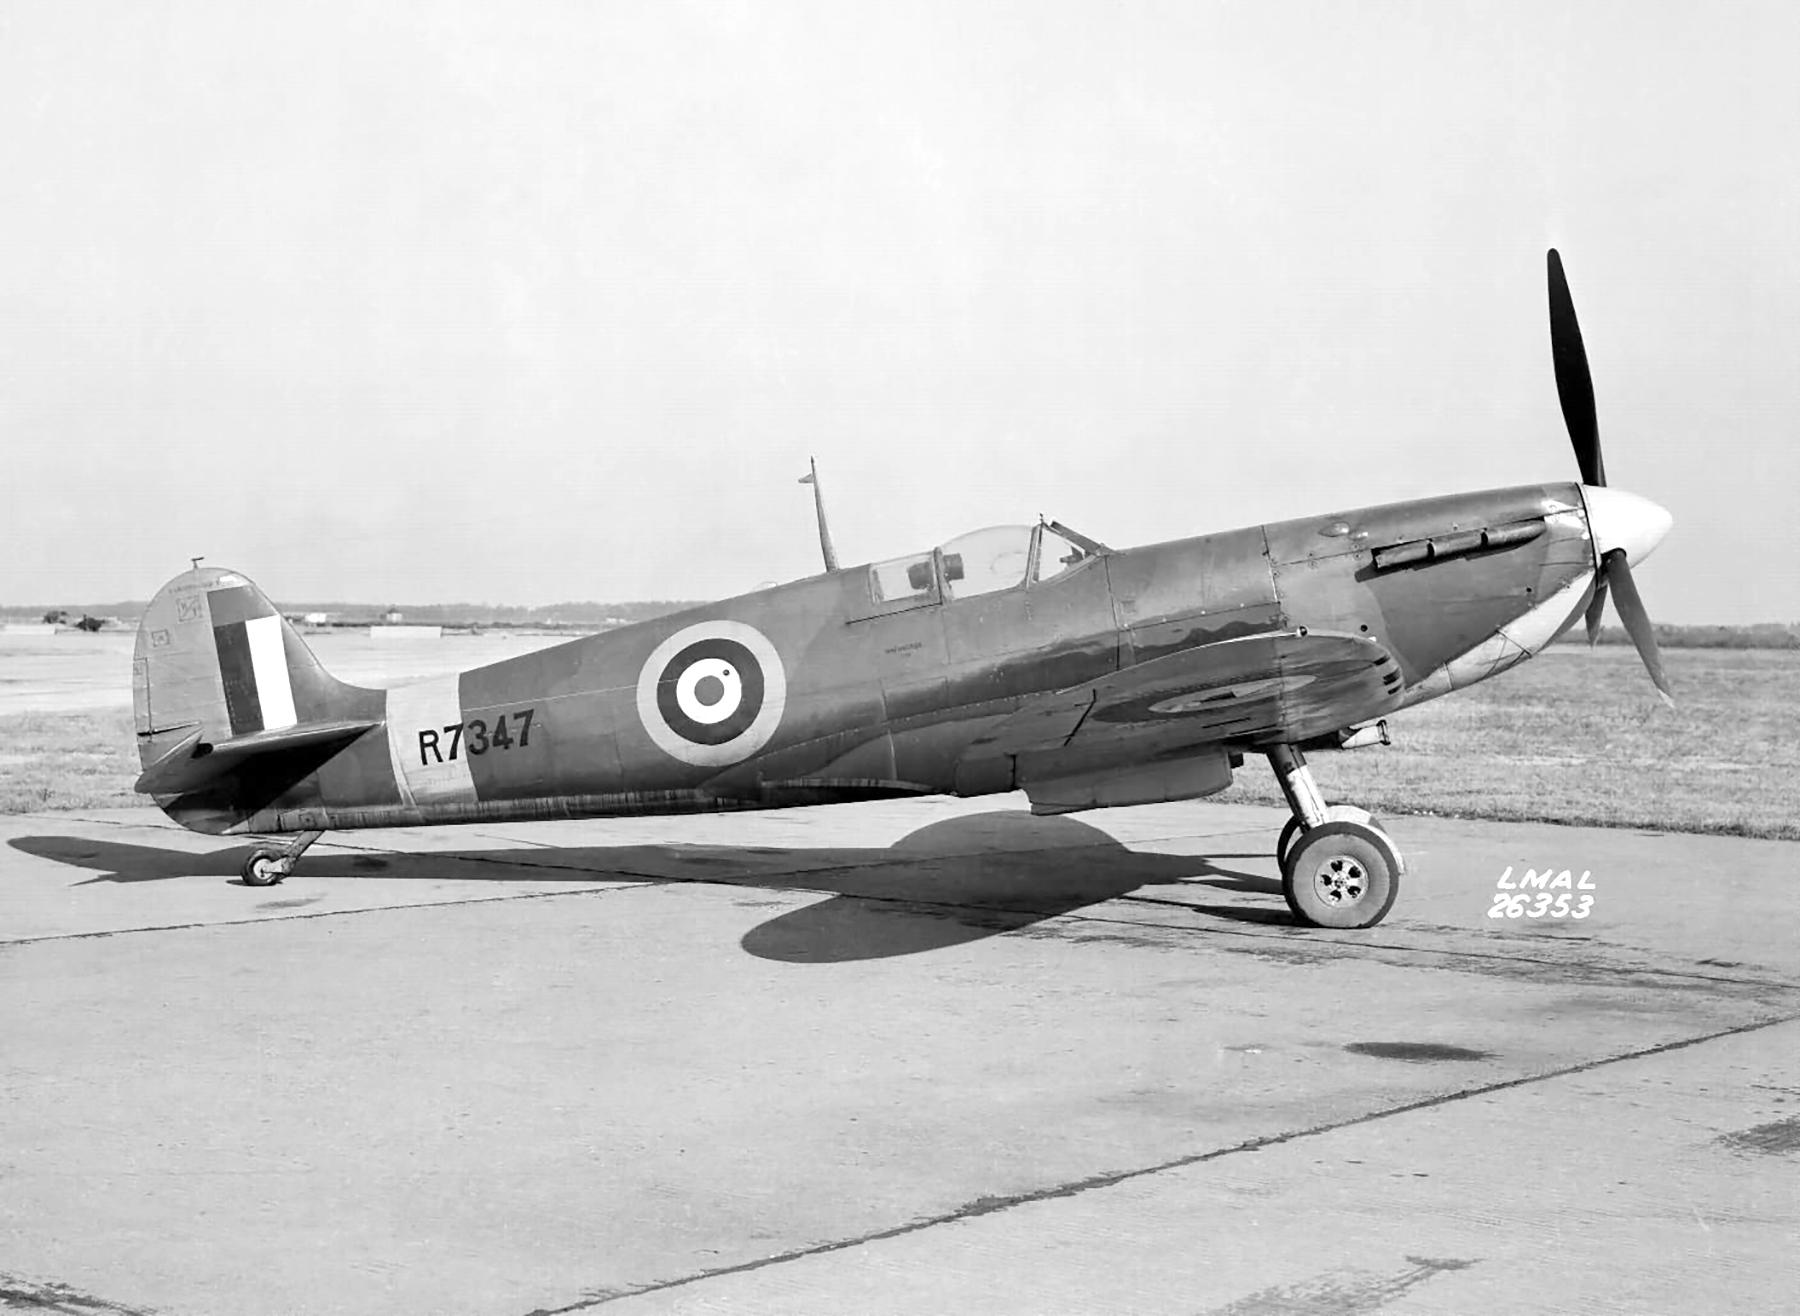 Factory fresh Spitfire MkV R7347 sent for evaluation Langley USA web 01